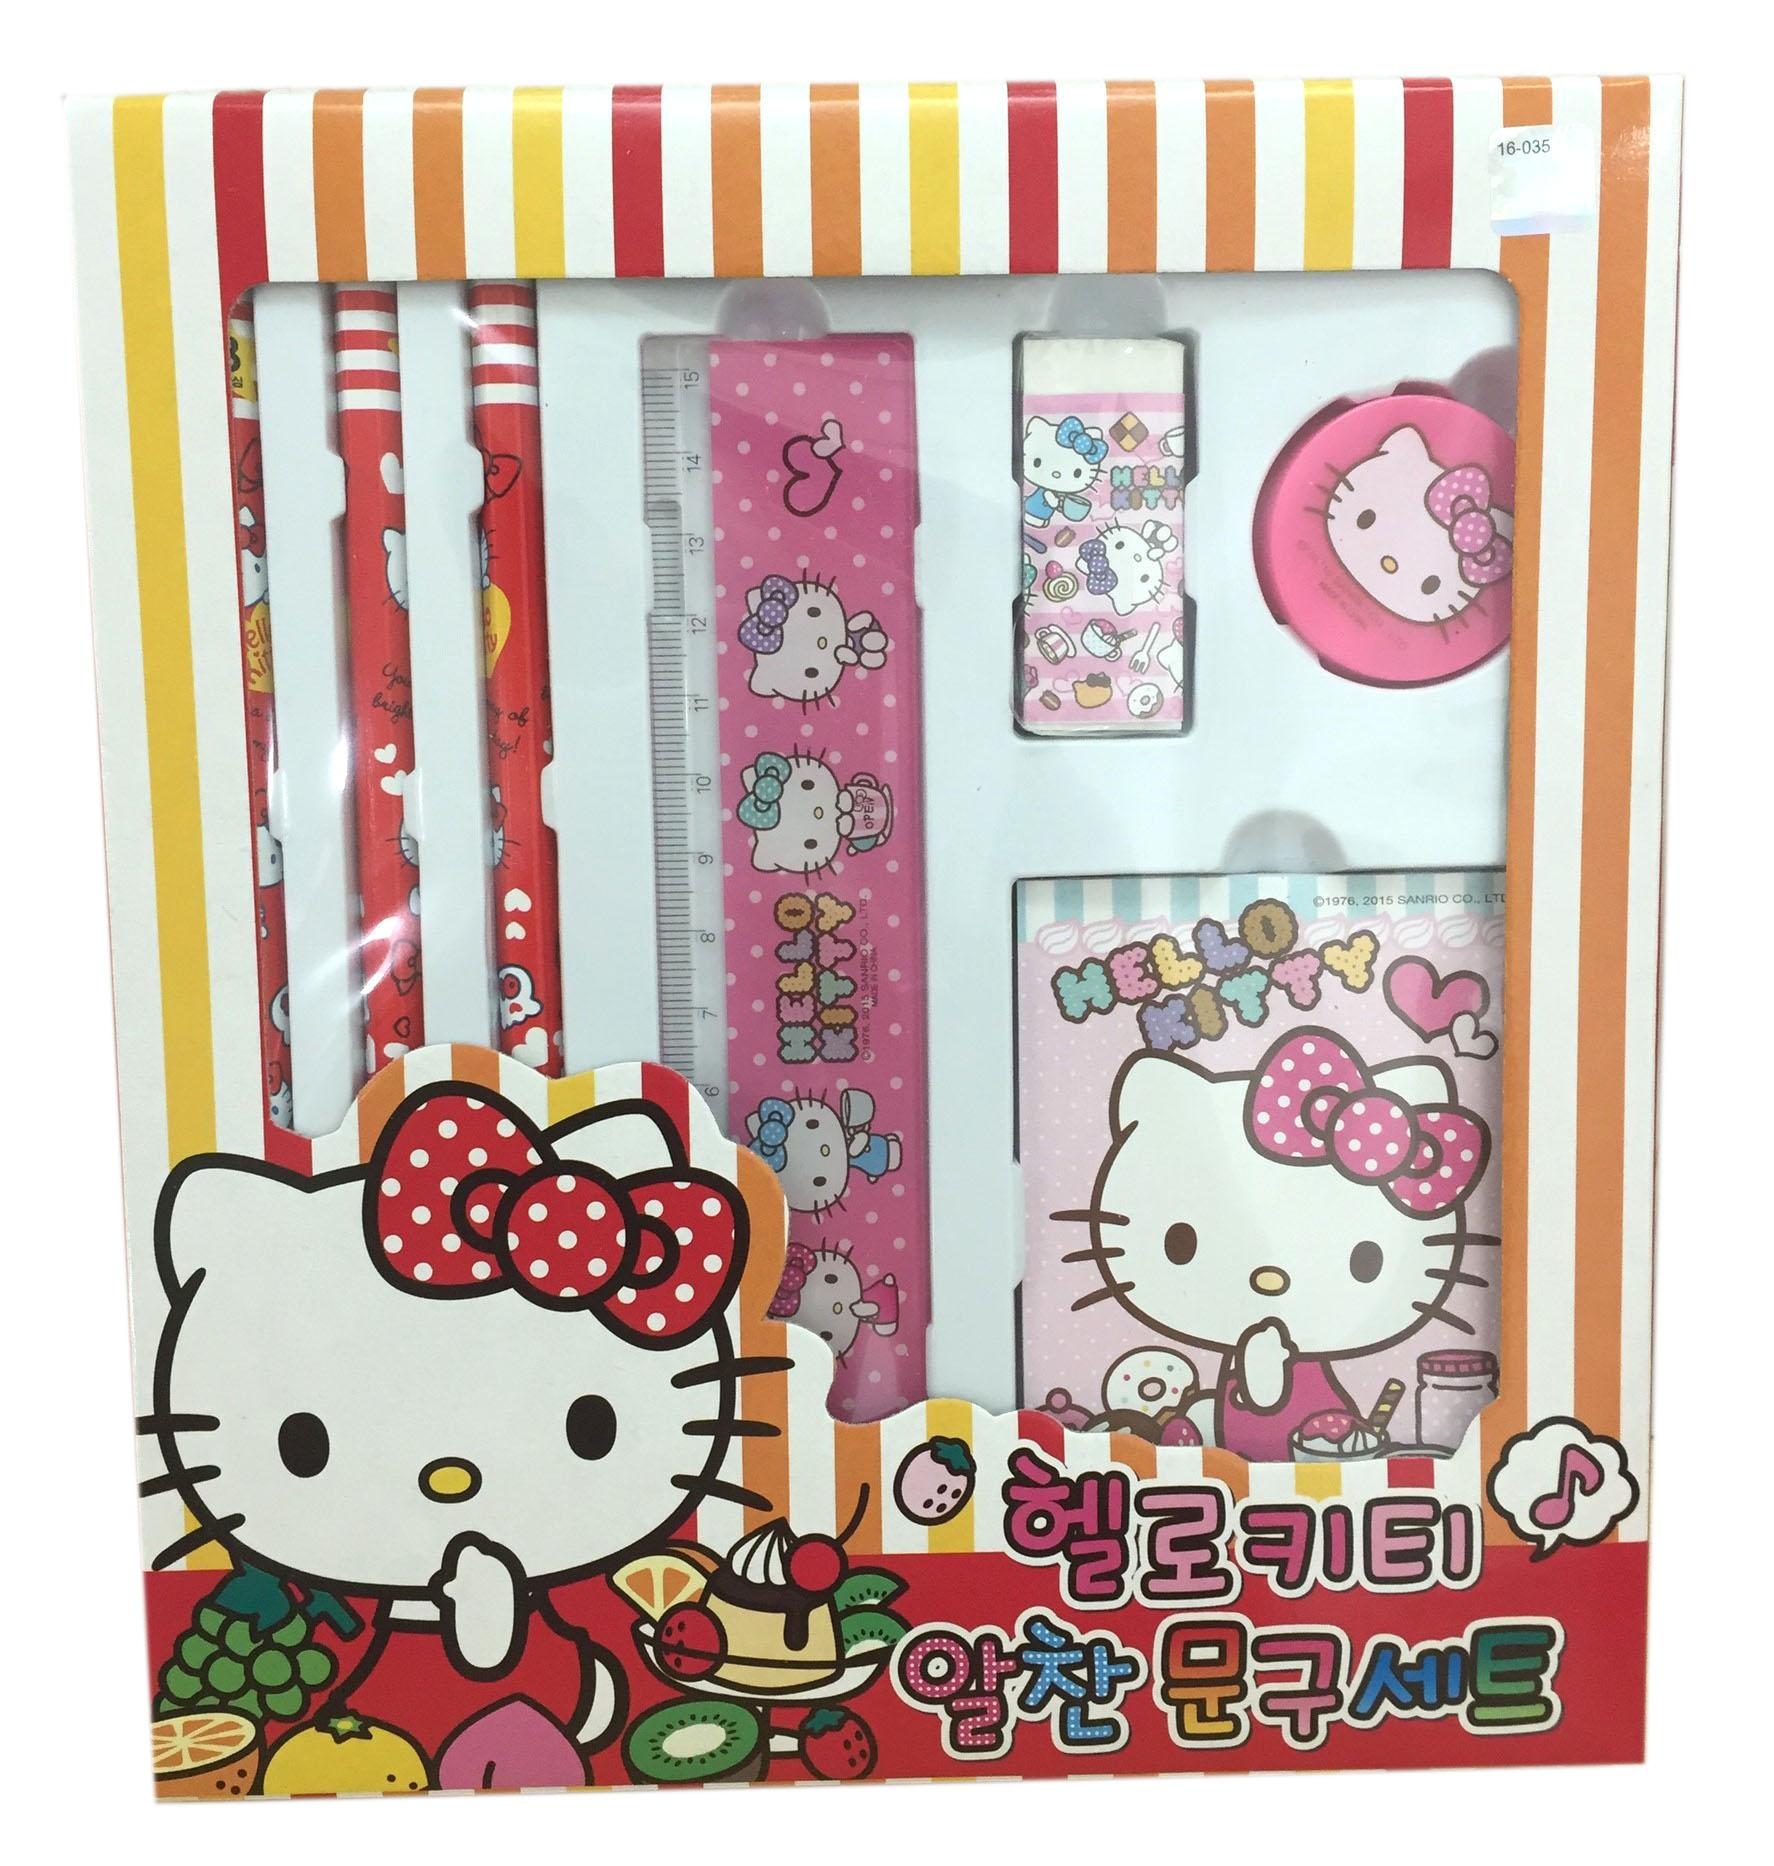 【真愛日本】16071200014文具組-KT水果粉    三麗鷗 Hello Kitty 凱蒂貓 文具用品